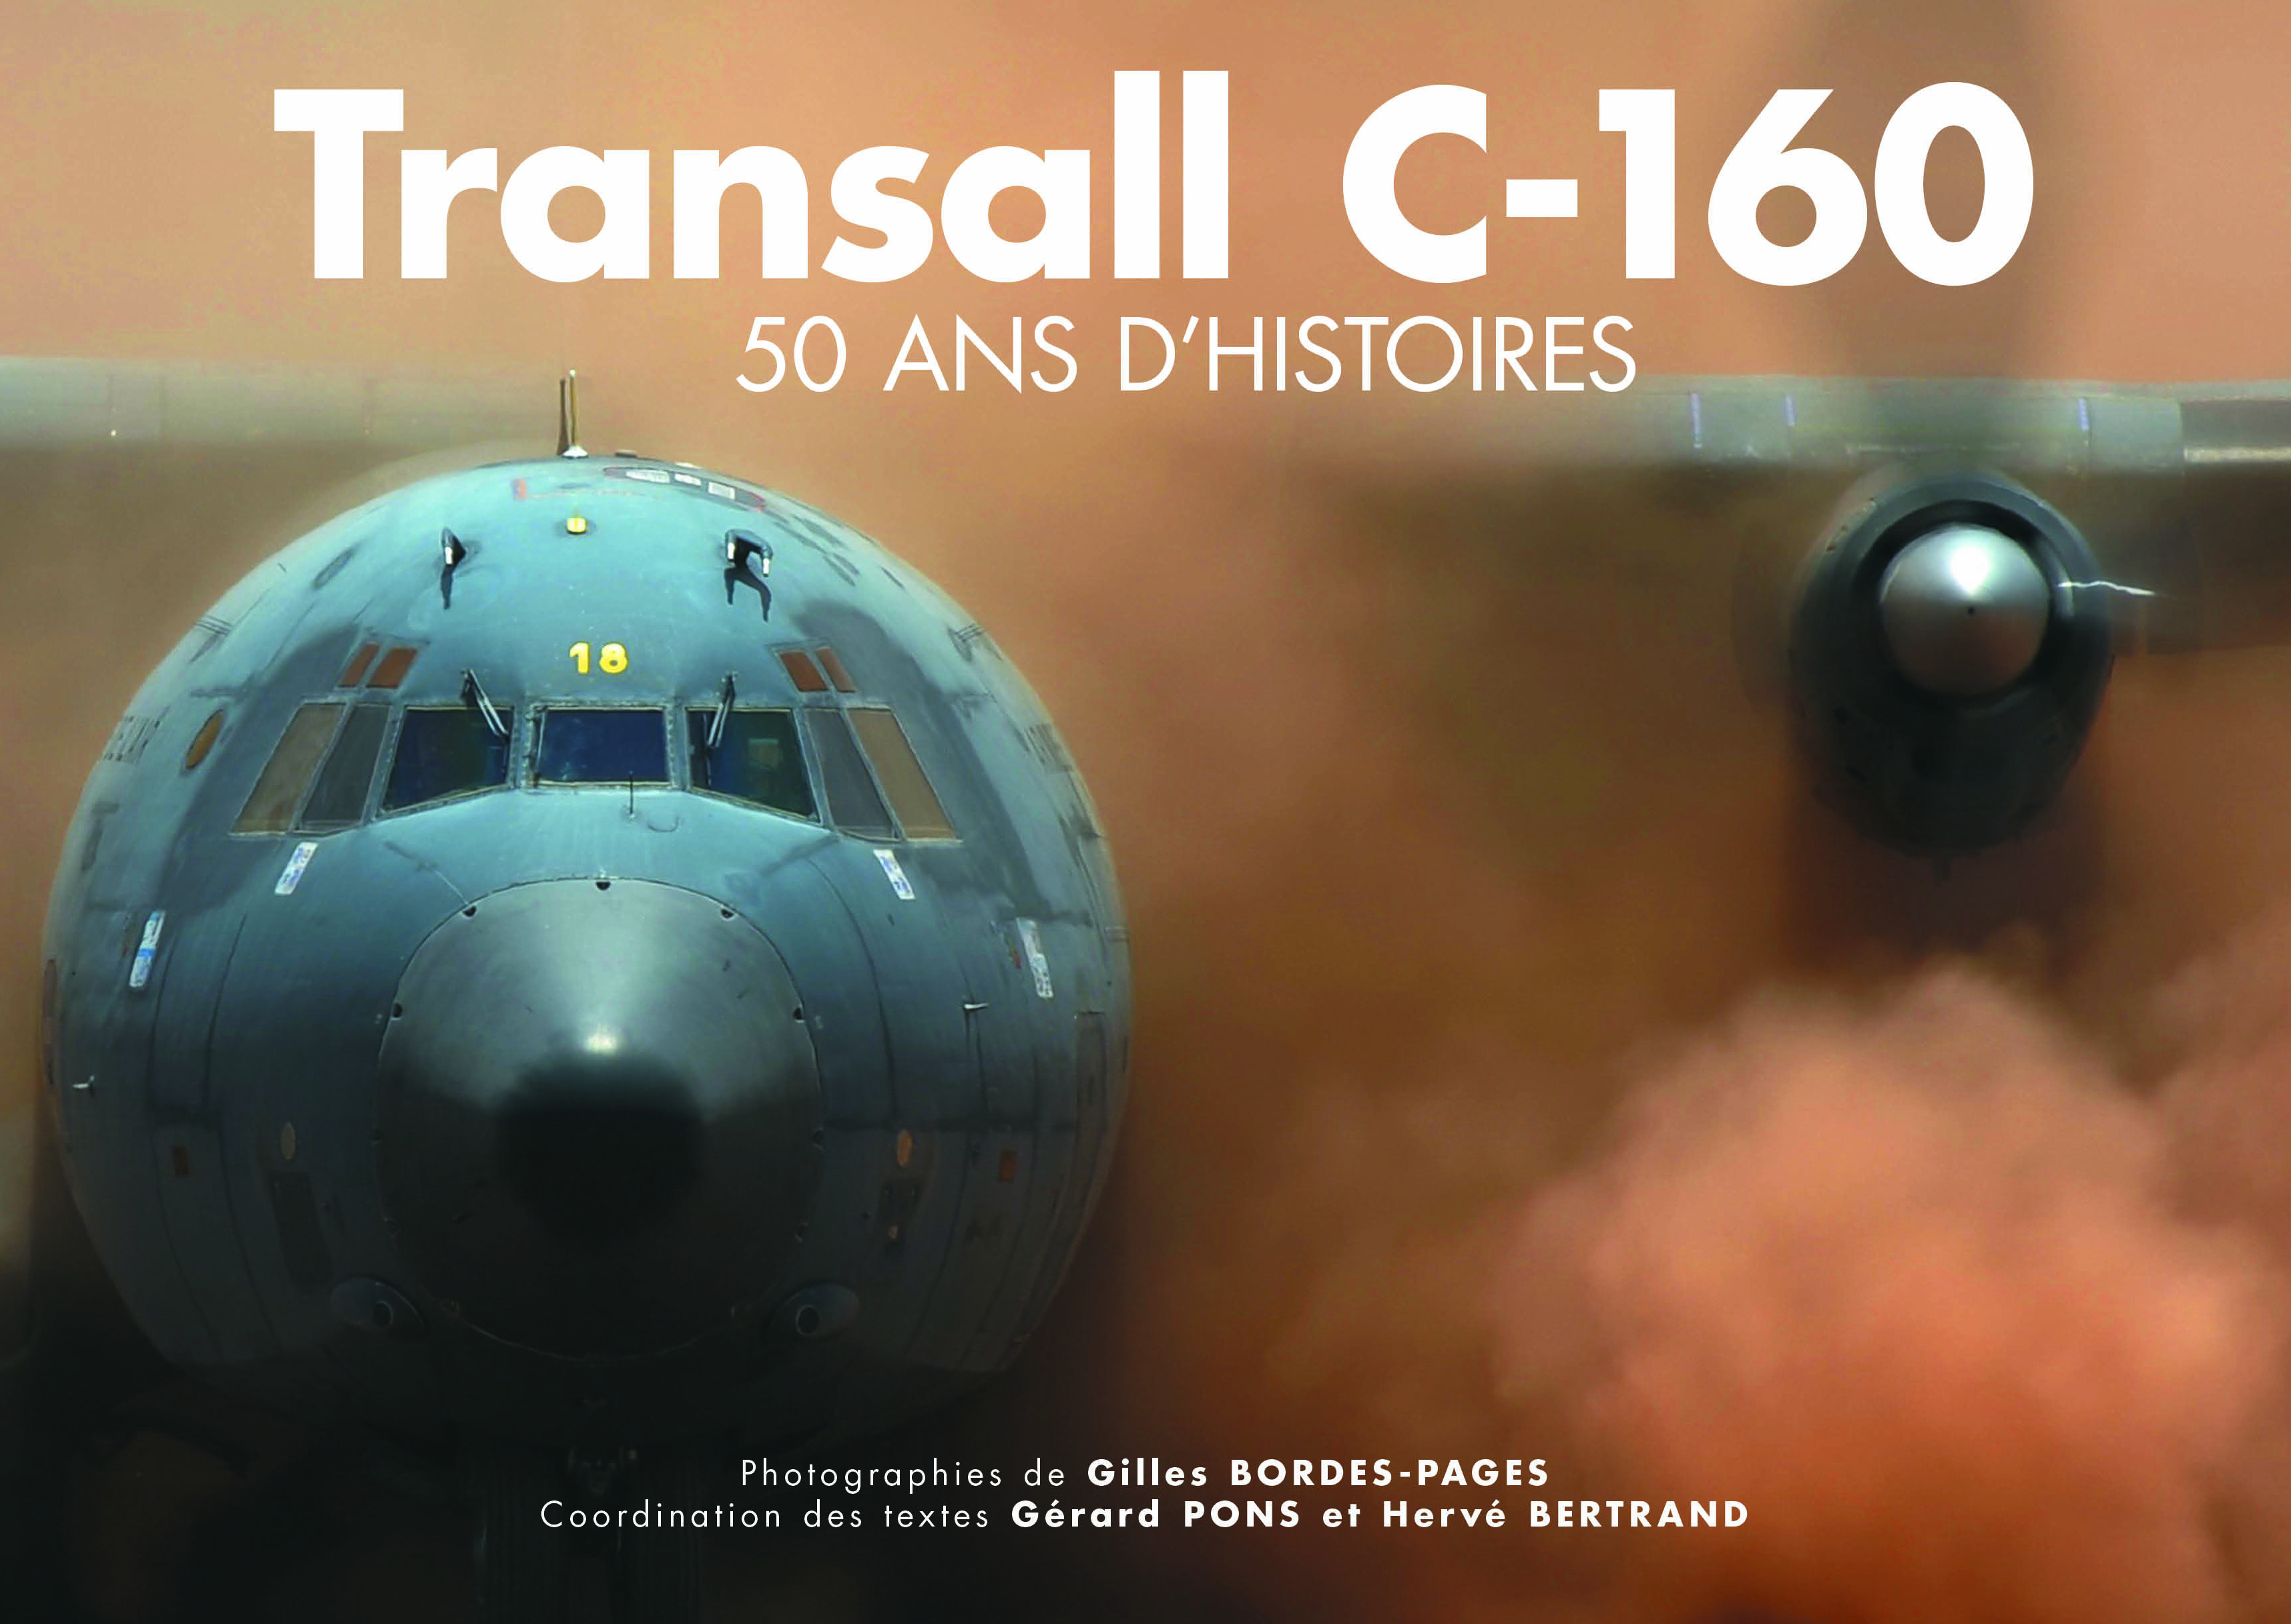 Gilles Bordes-Pages Transall C160 ; 50 ans d'histoires